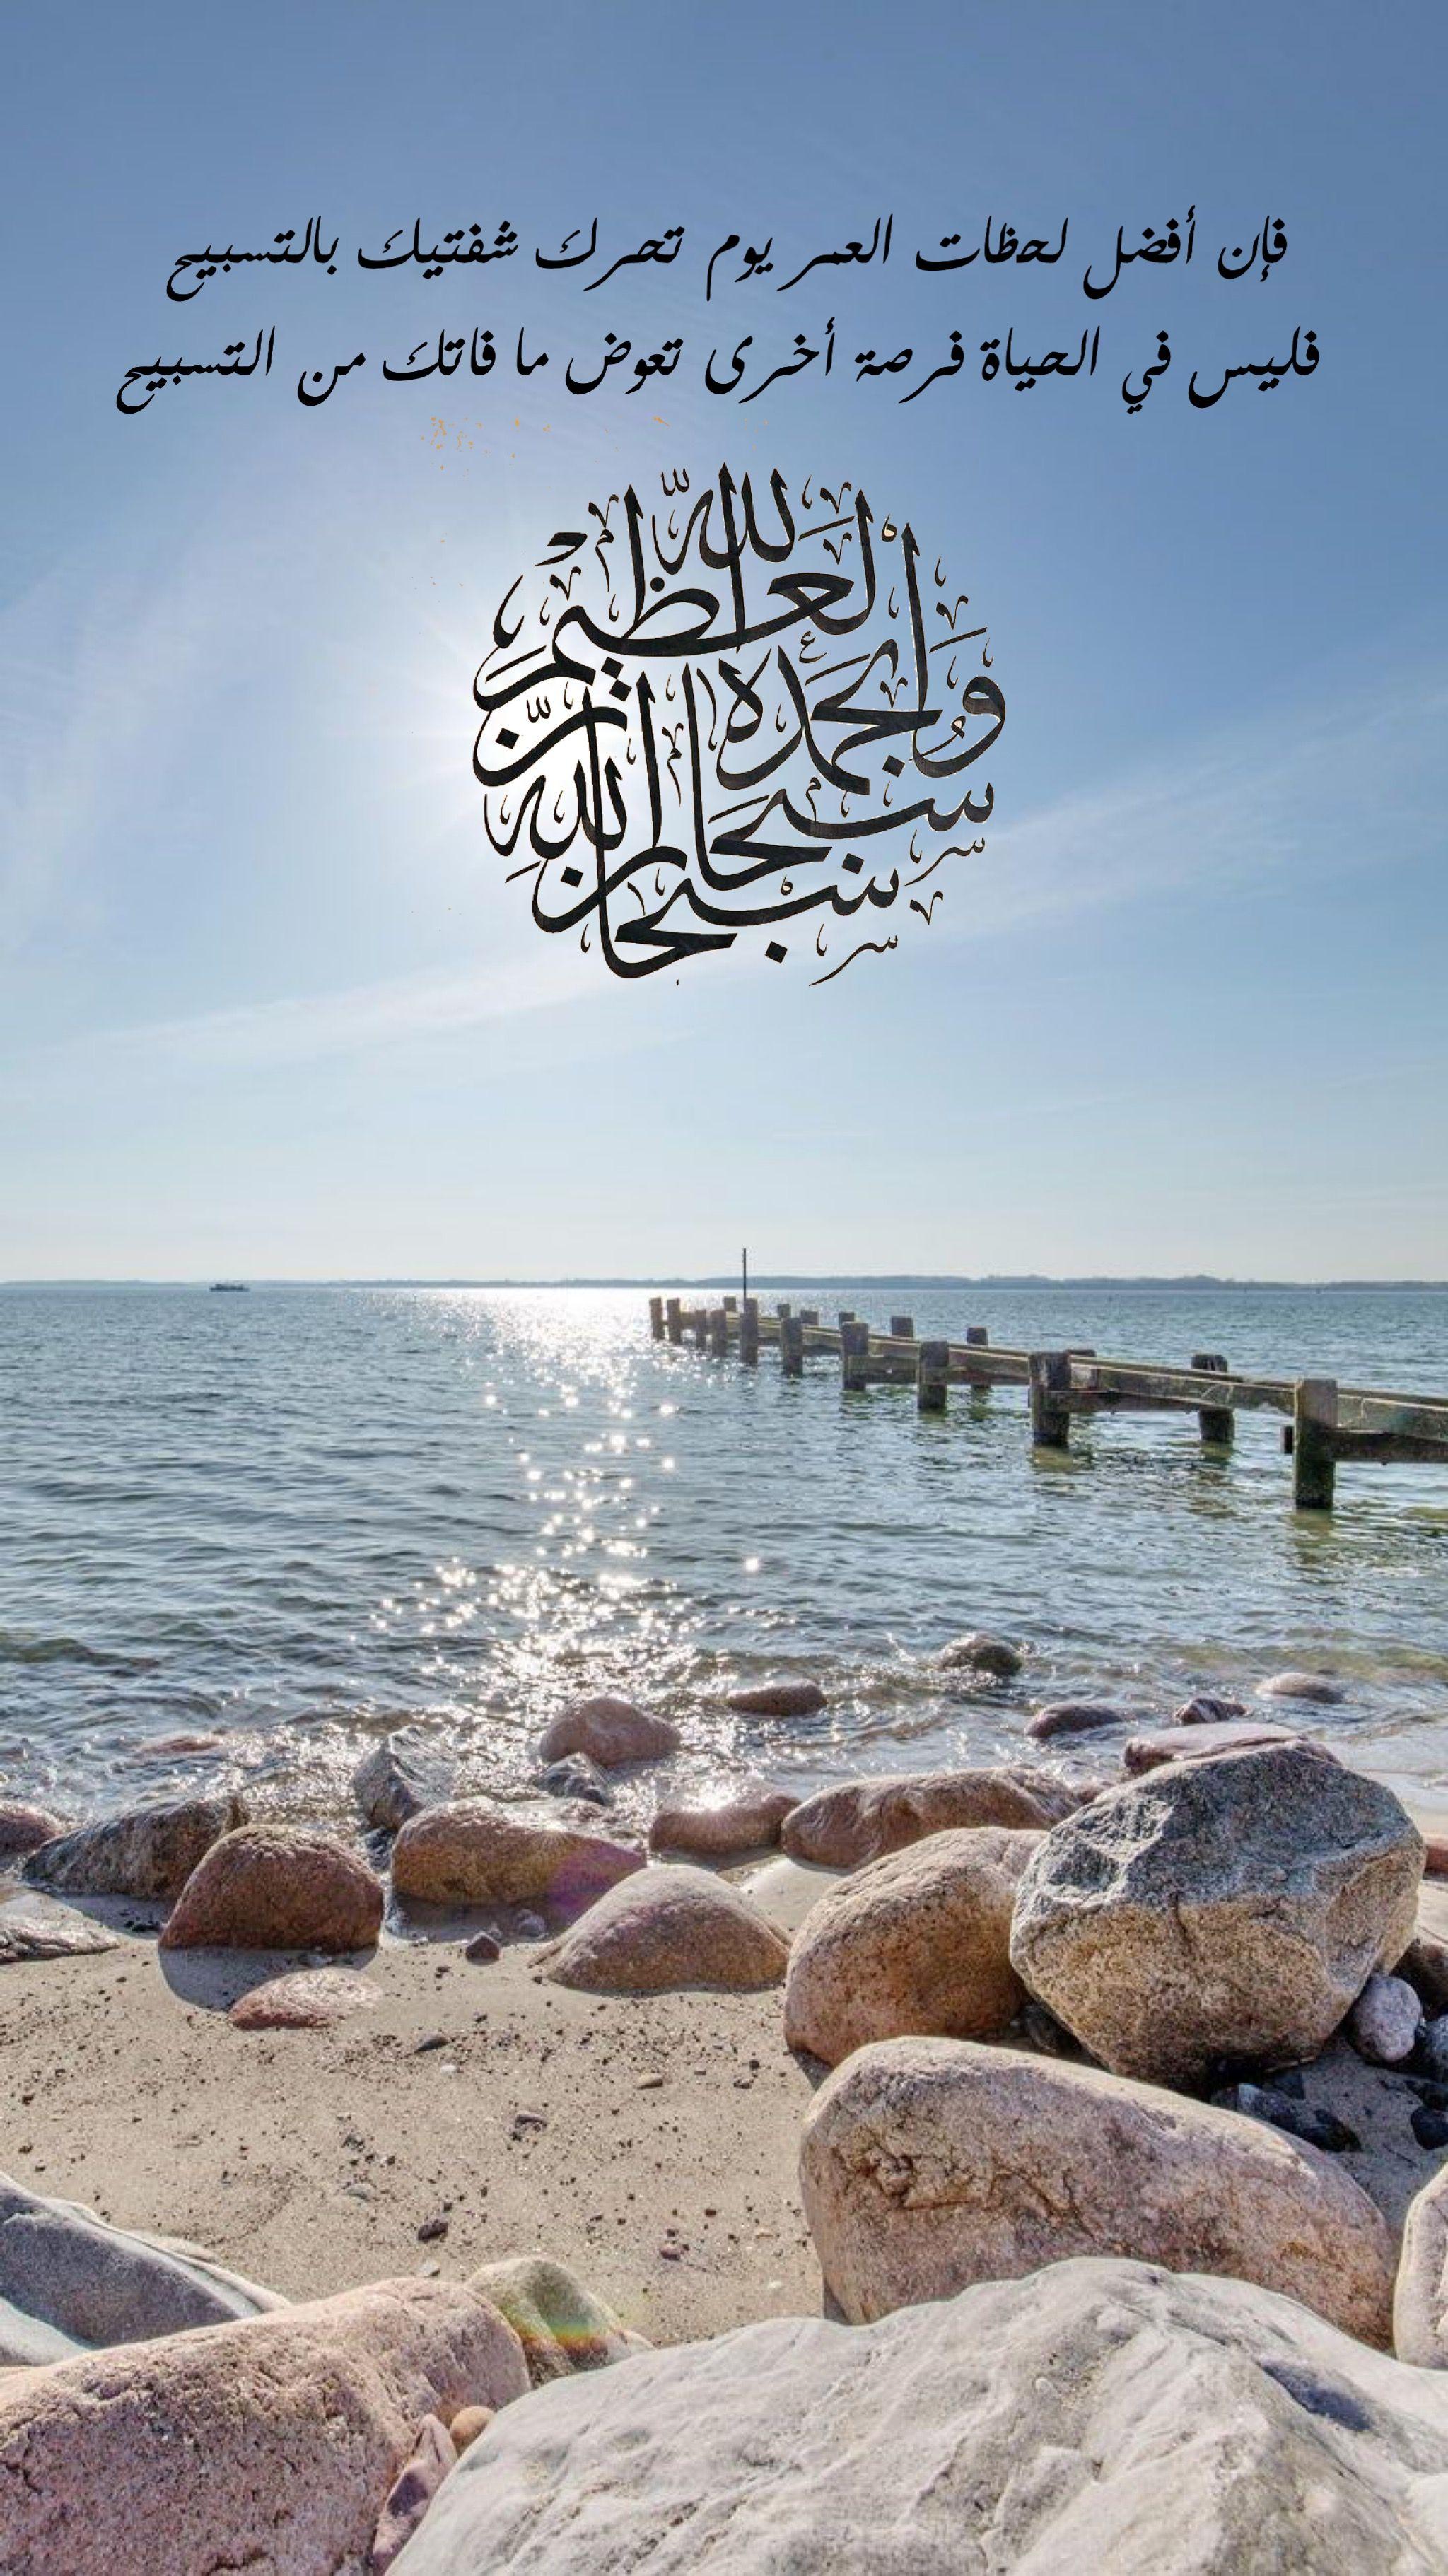 سبحان الله وبحمده سبحان الله العظيم Outdoor Water Beach